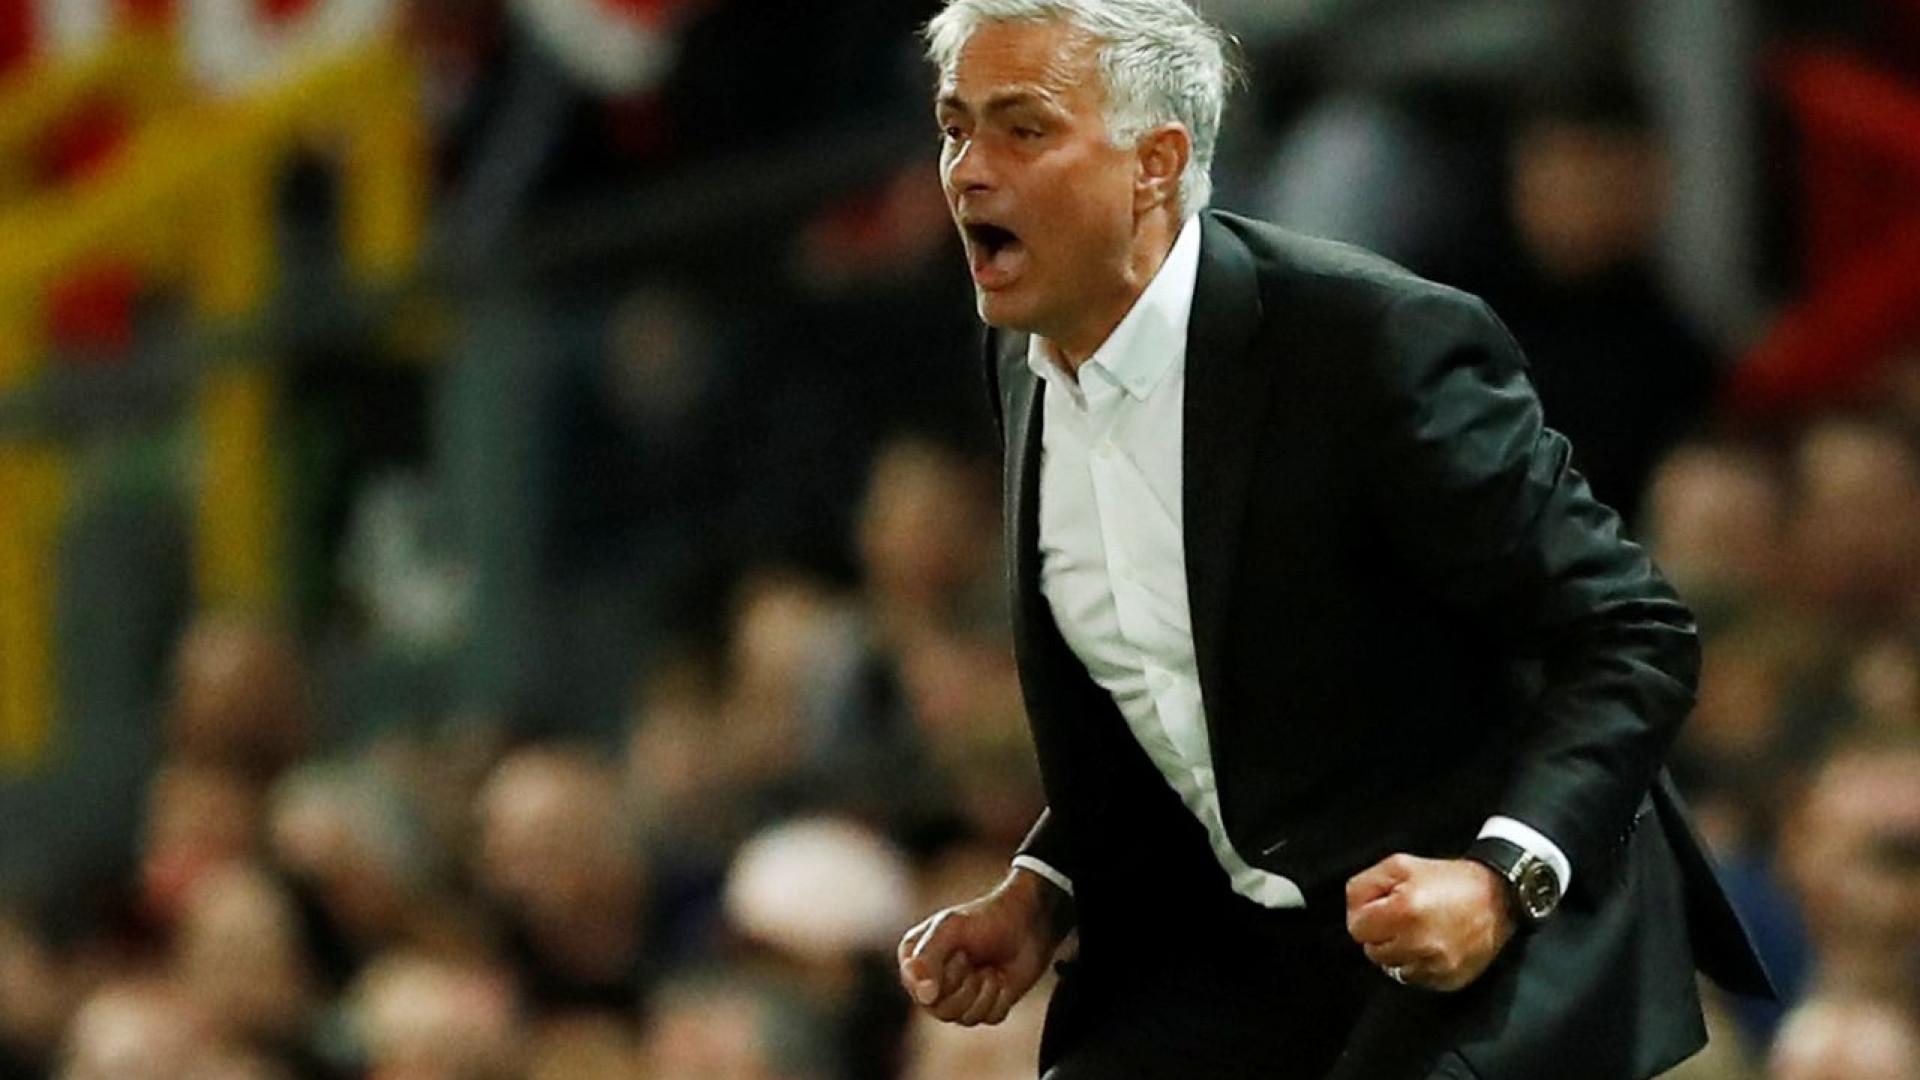 Mourinho entra da melhor forma em 2018/19 com vitória sobre o Leicester